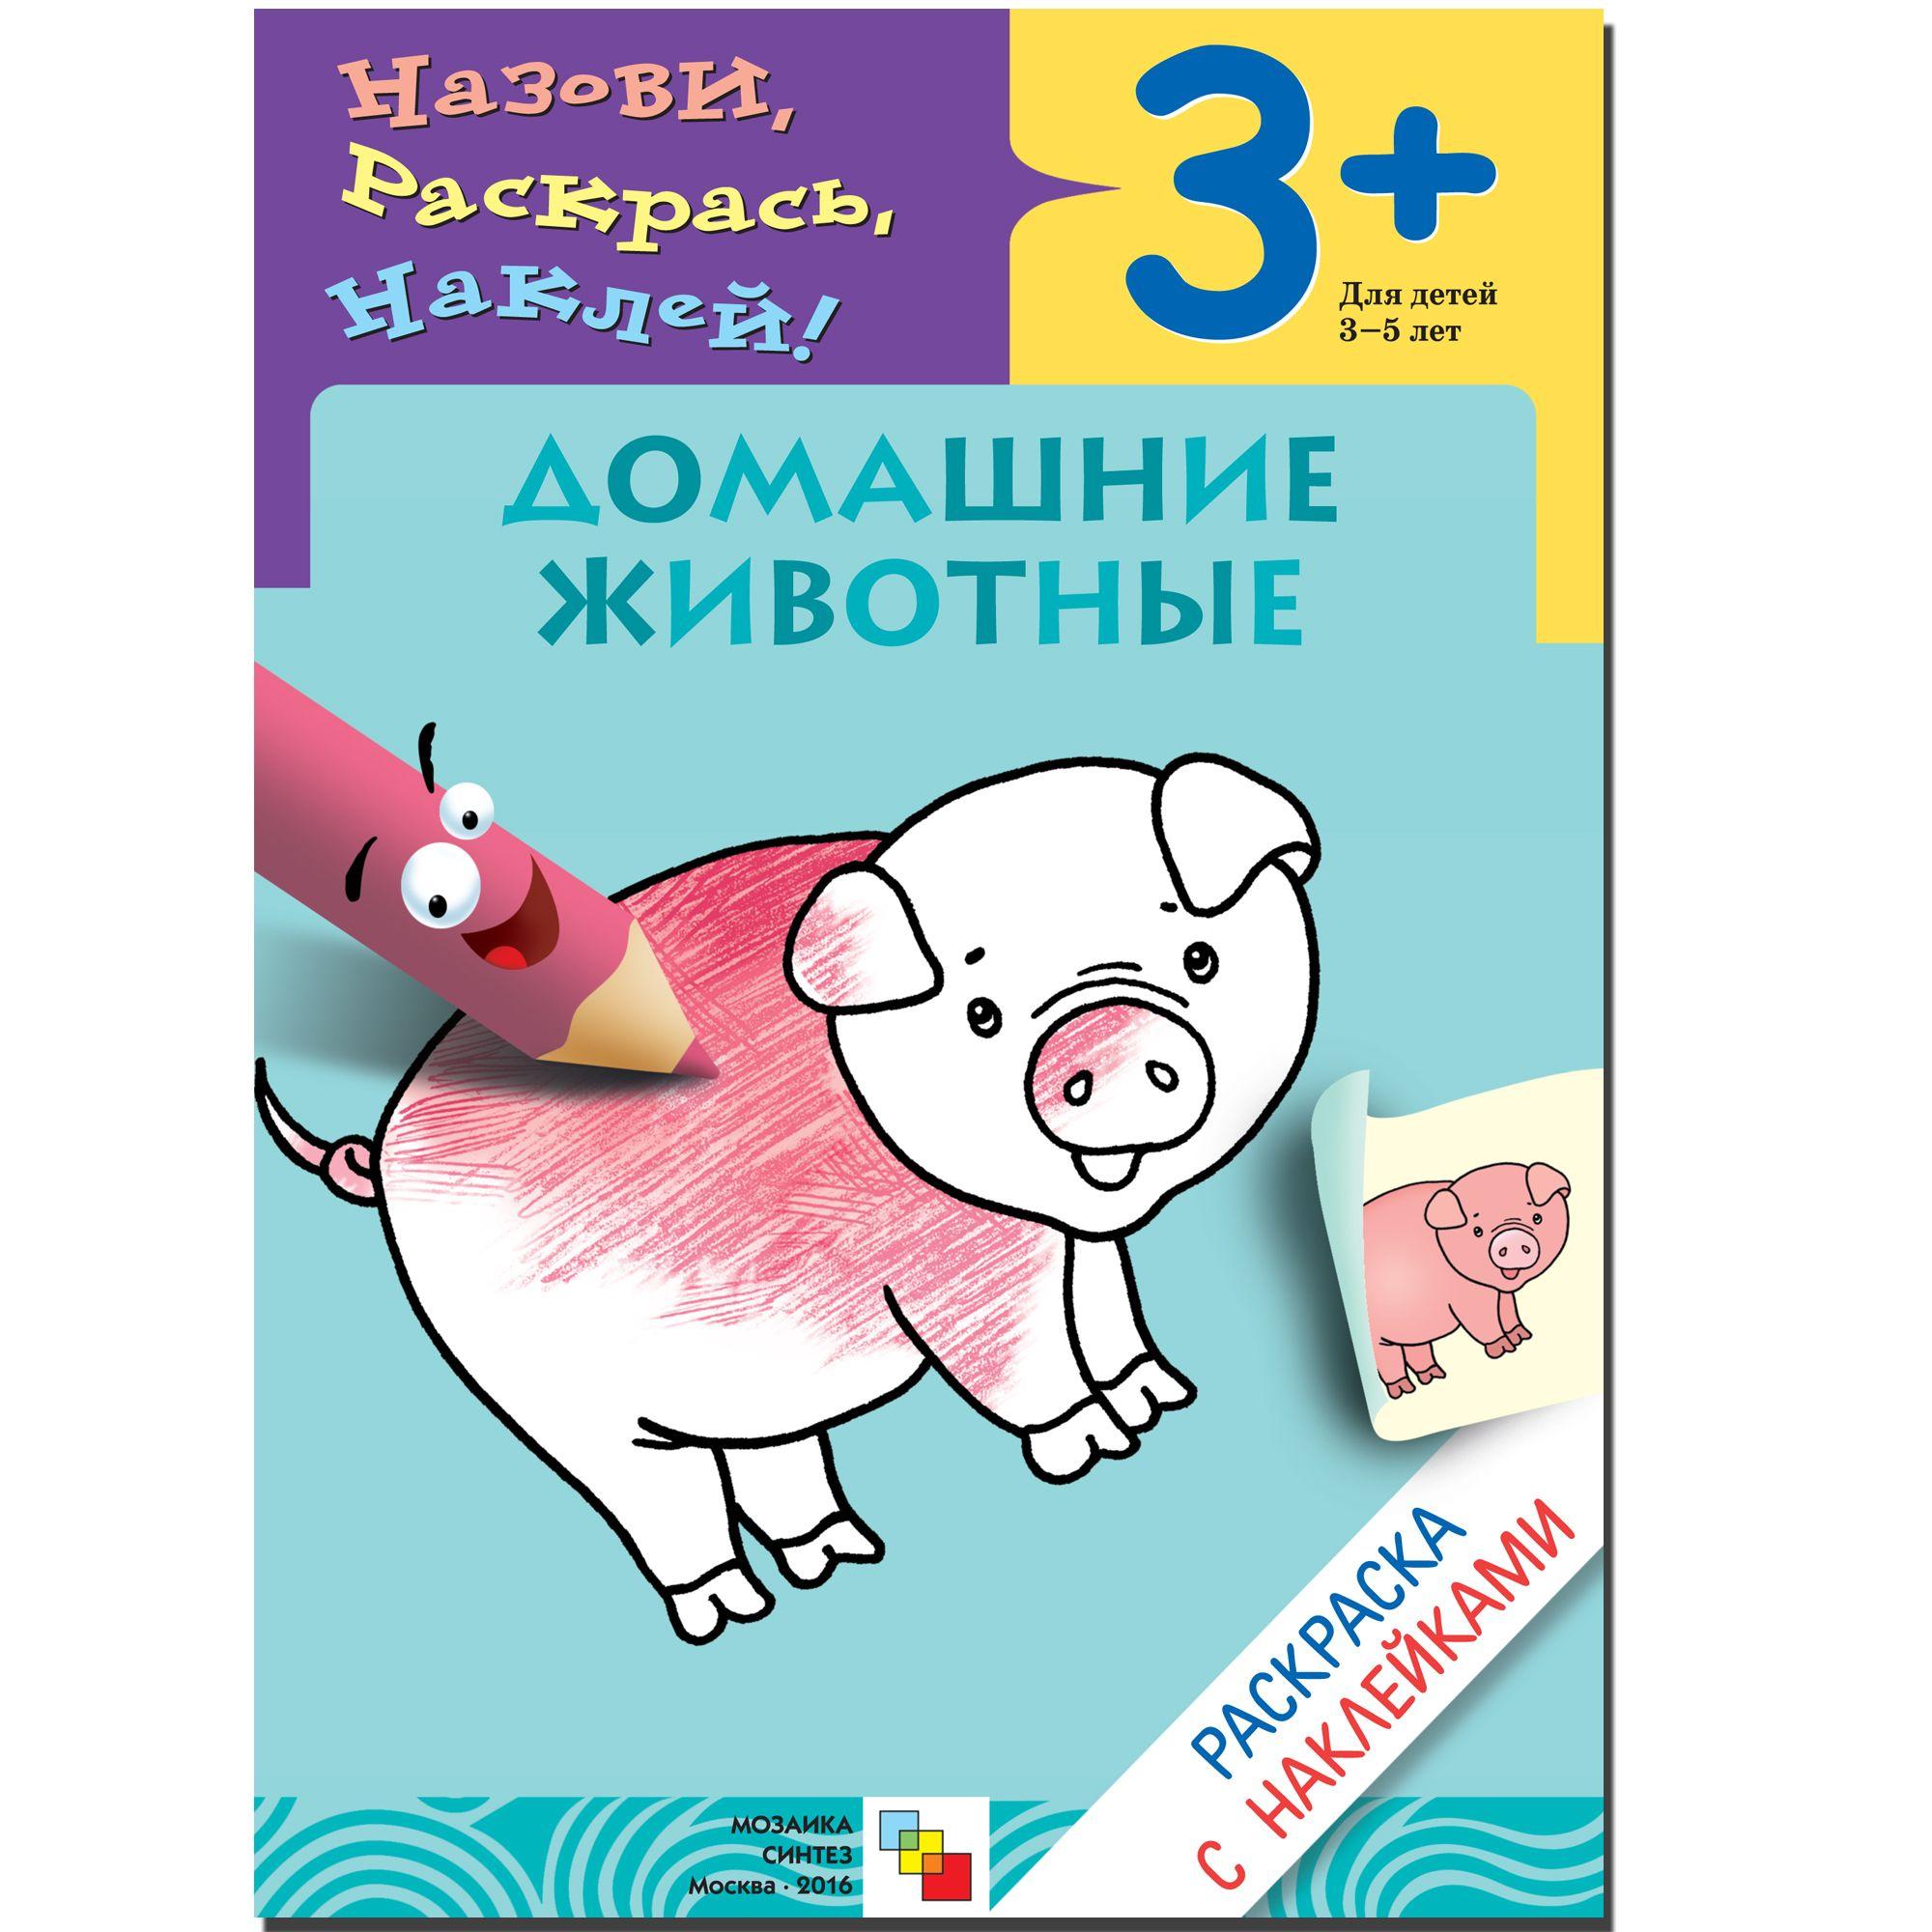 Раскраска Домашние животные: Раскраска с наклейками для детей от 3 лет